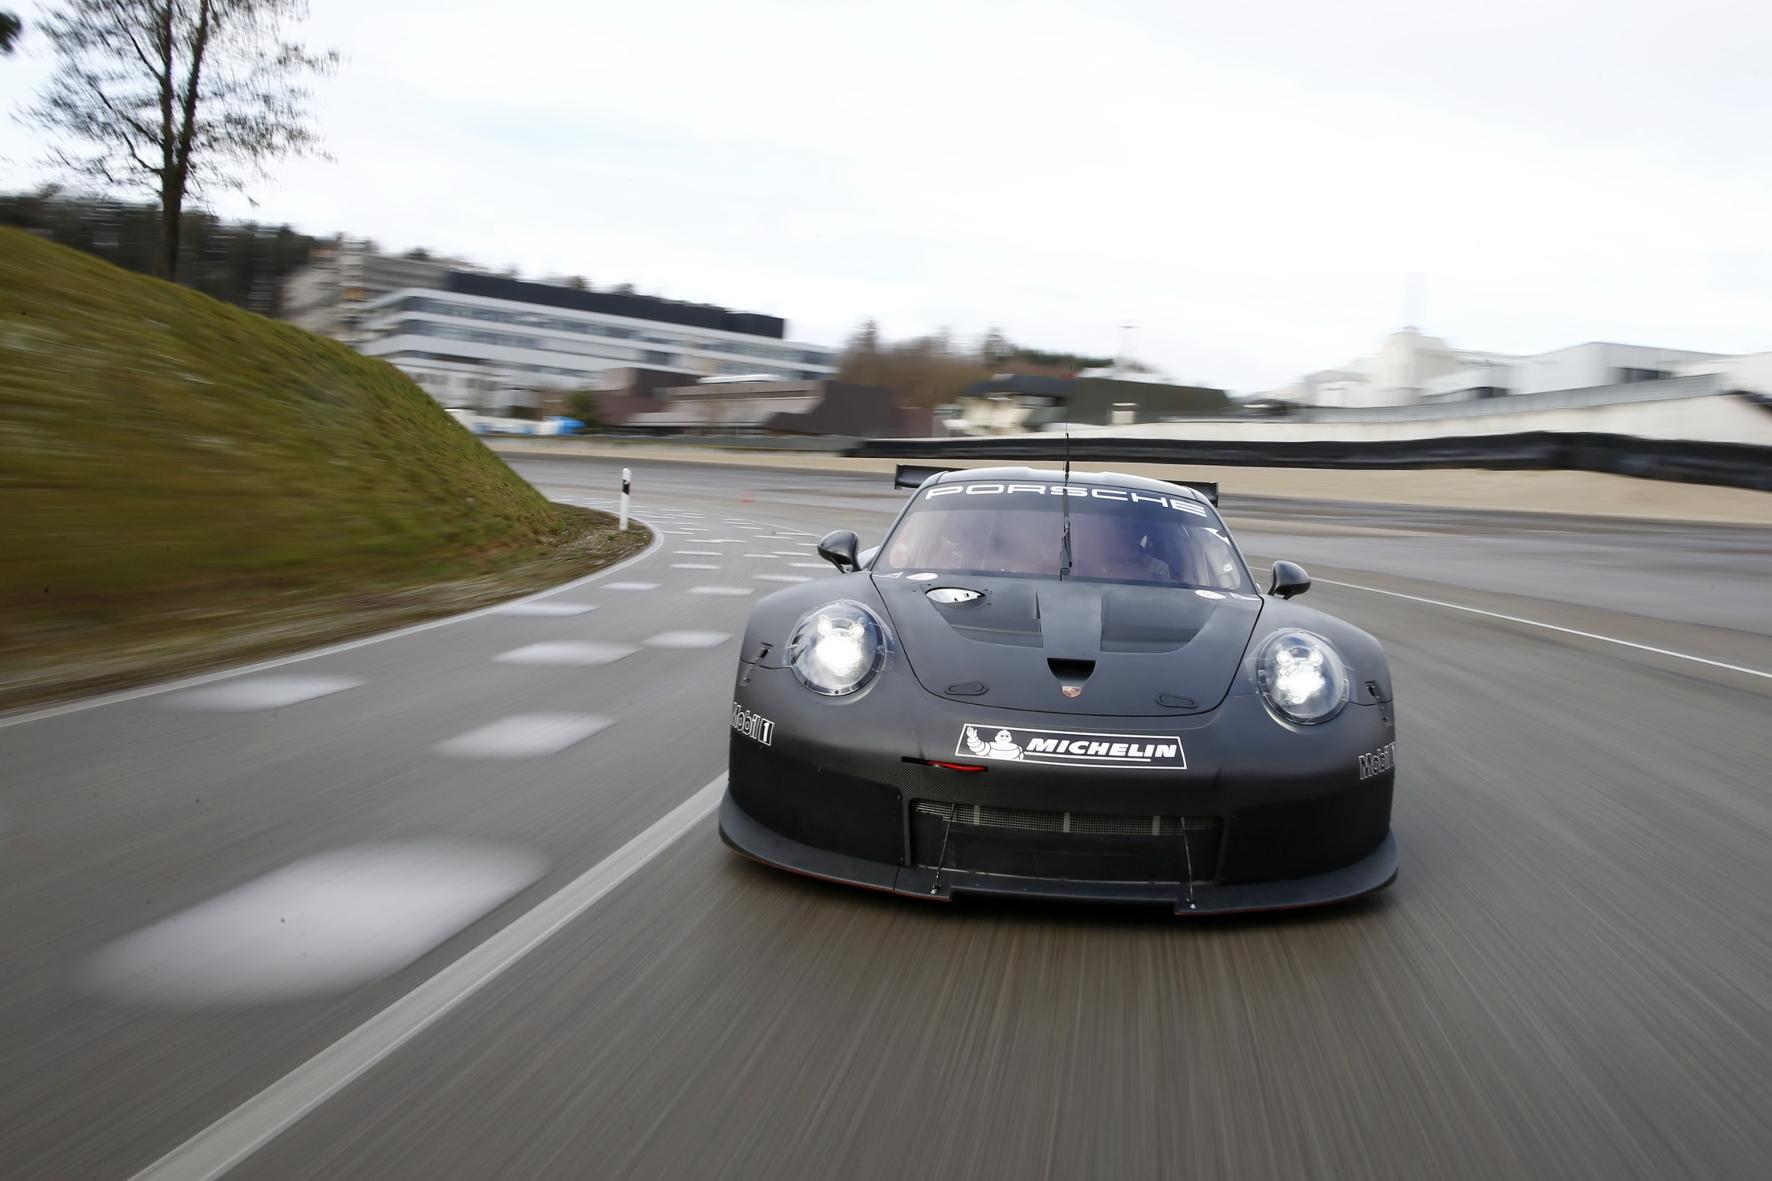 """mid Groß-Gerau - Porsches neu entwickelter GT-Rennwagen beim """"Rollout"""" auf der Testrecke im heimischen Weissach."""